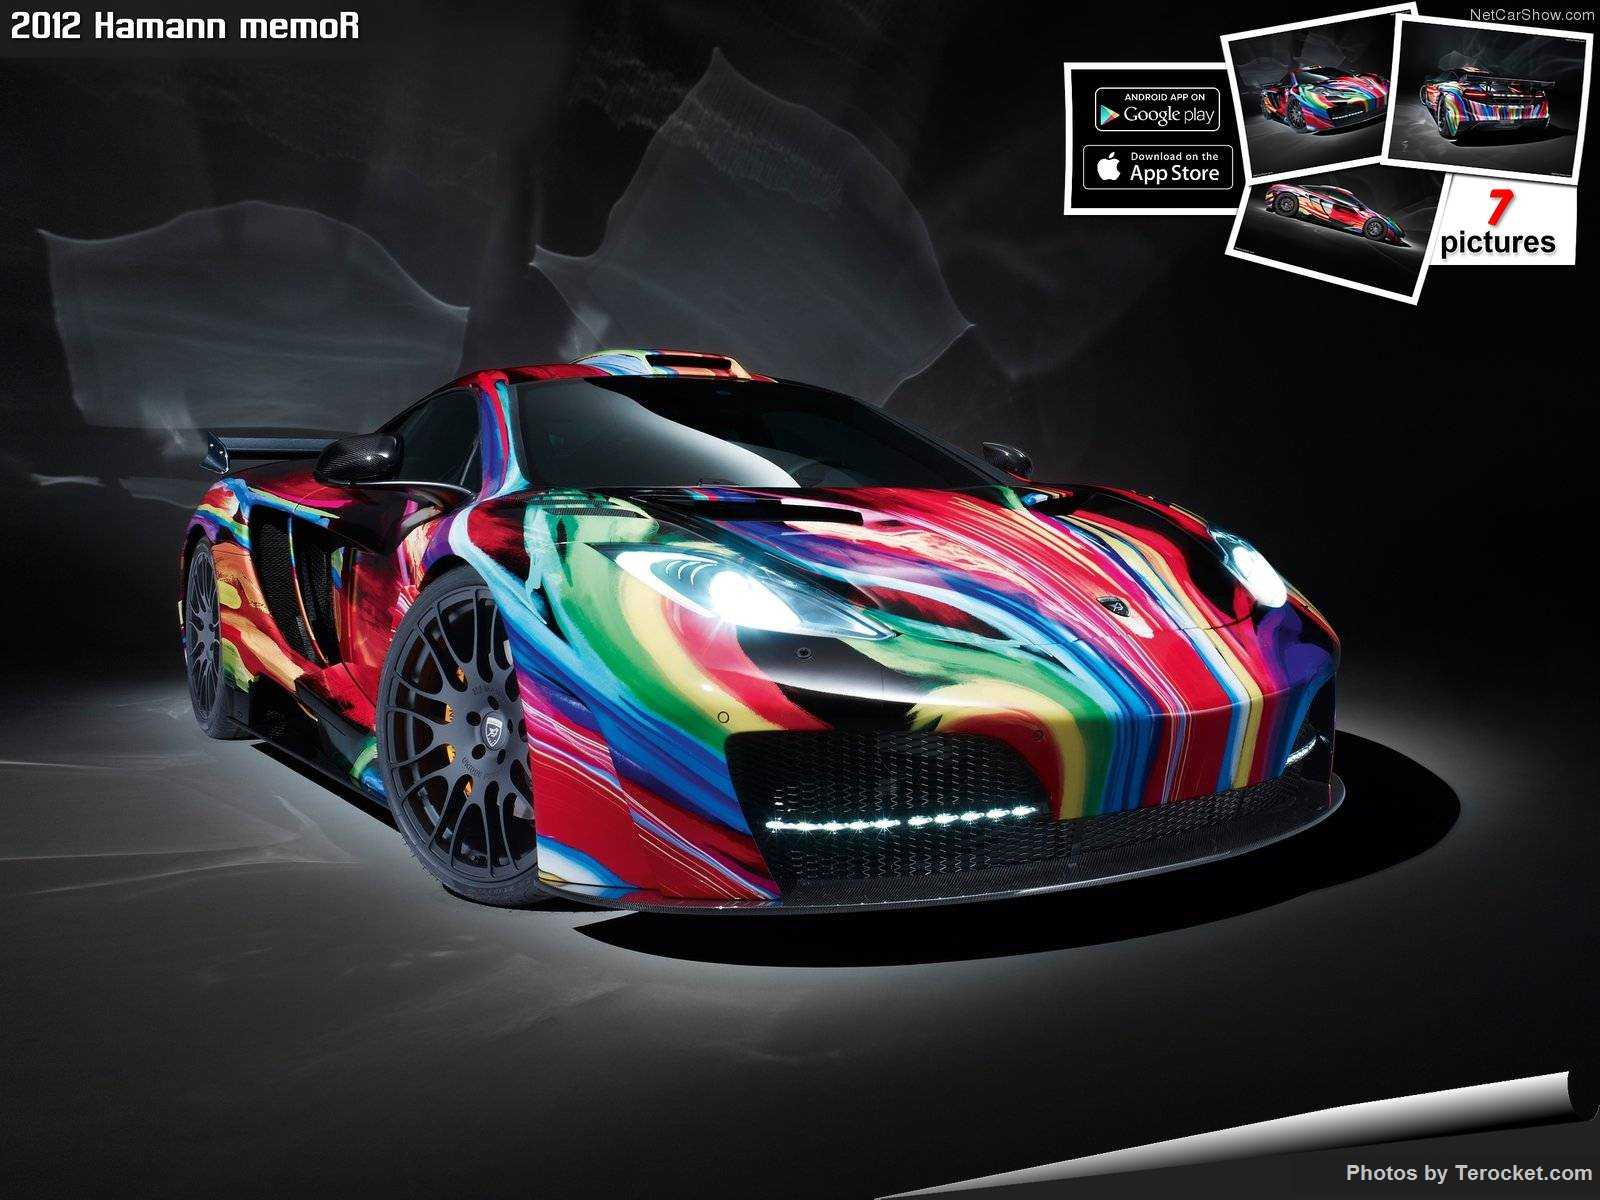 Hình ảnh xe ô tô Hamann memoR 2012 & nội ngoại thất